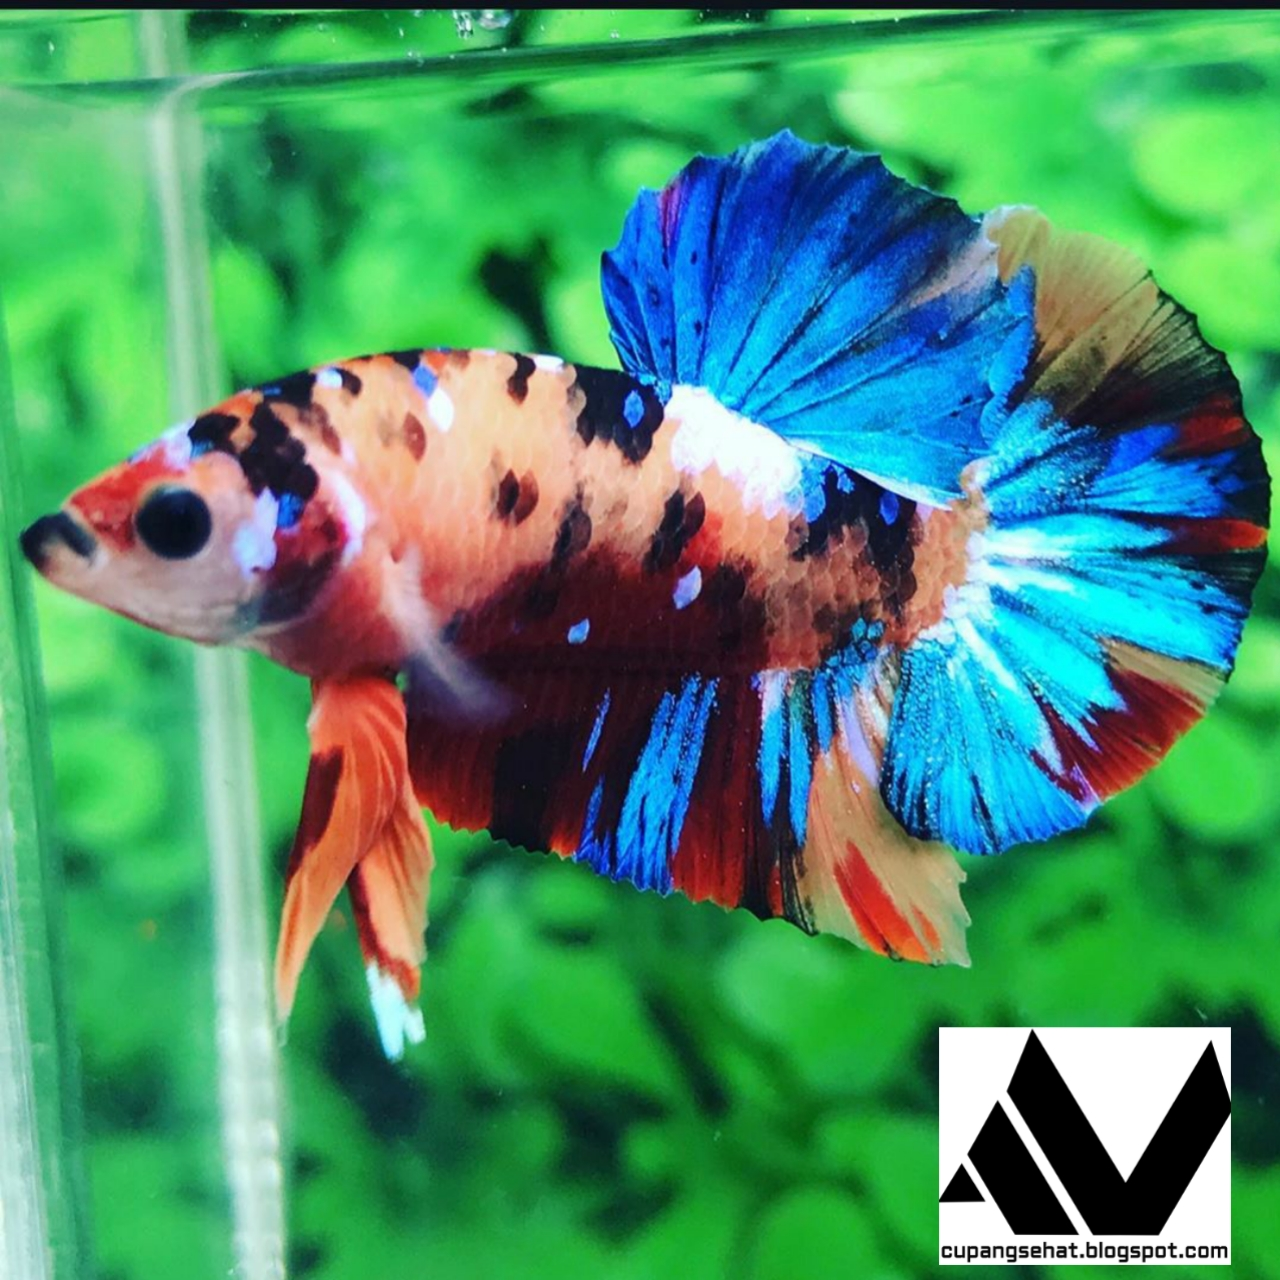 Jual Ikan Cupang Hias Kualitas Bagus - Cupang Sehat